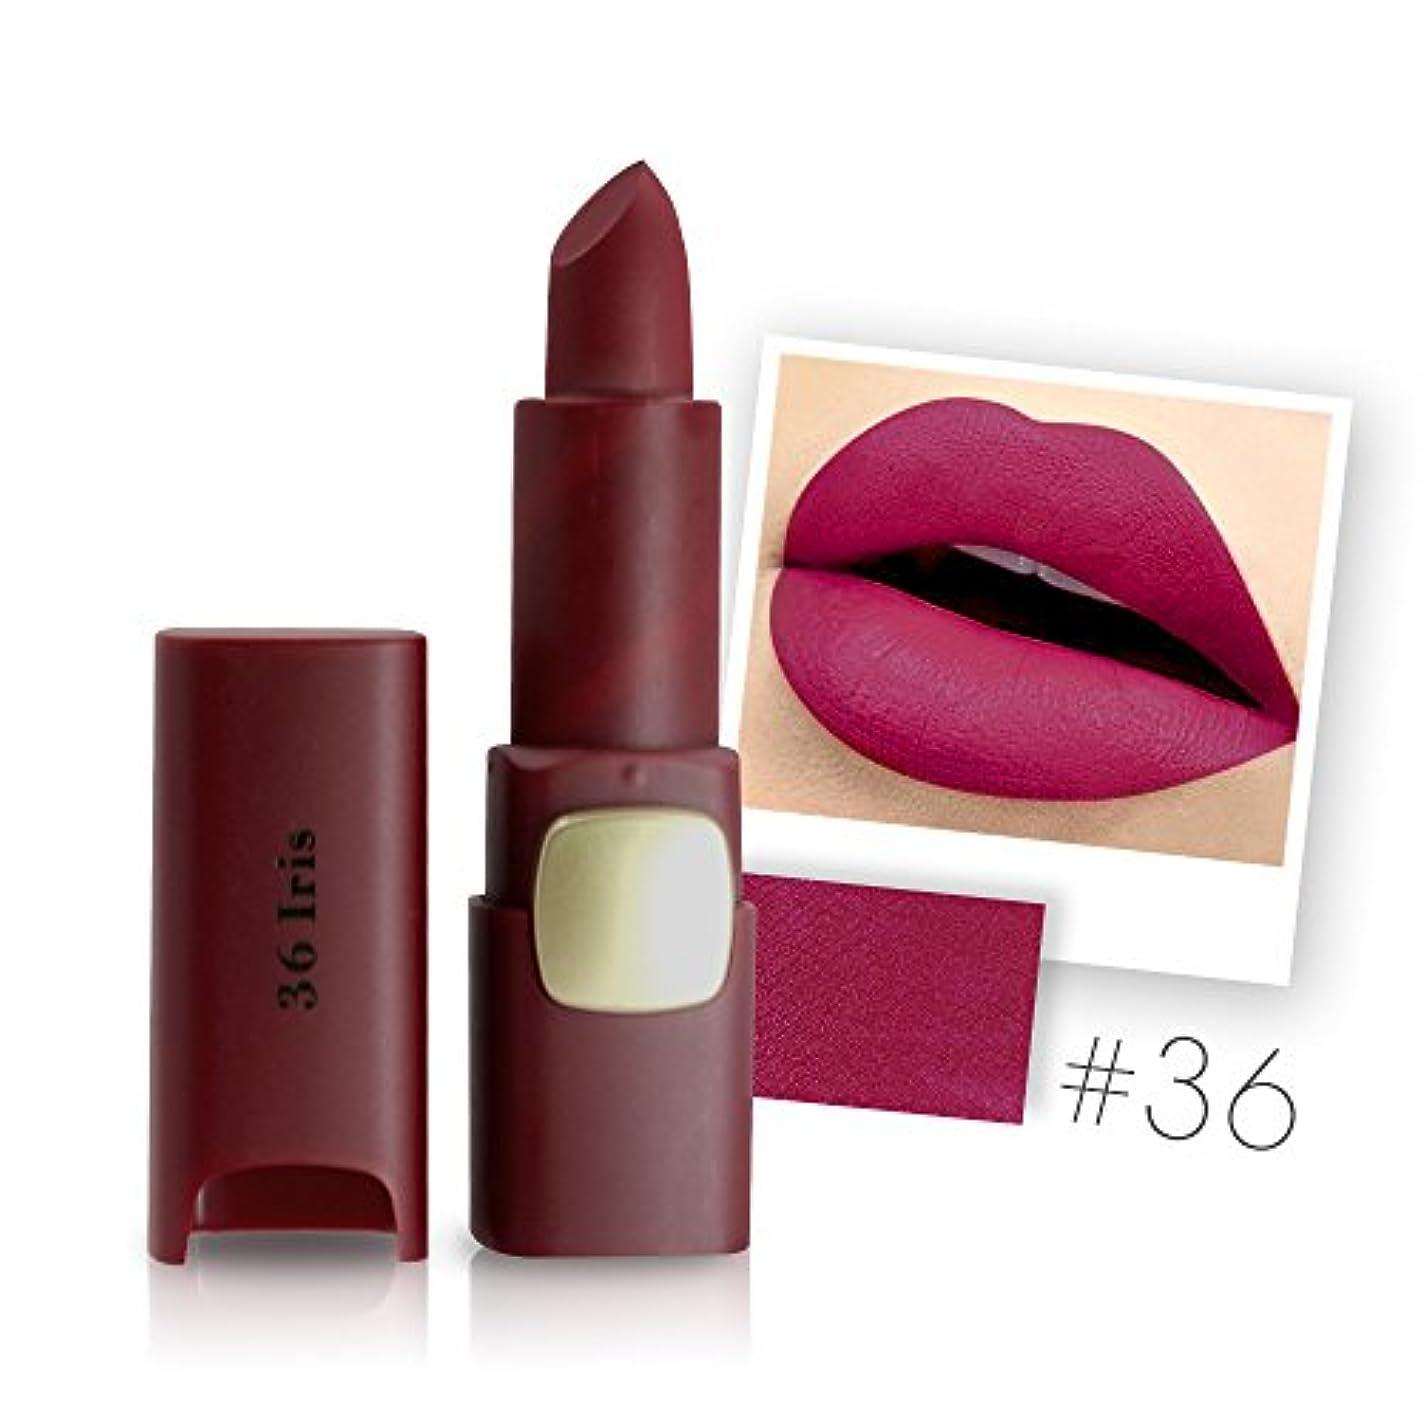 クレーター接ぎ木体操選手Miss Rose Brand Matte Lipstick Waterproof Lips Moisturizing Easy To Wear Makeup Lip Sticks Gloss Lipsticks Cosmetic